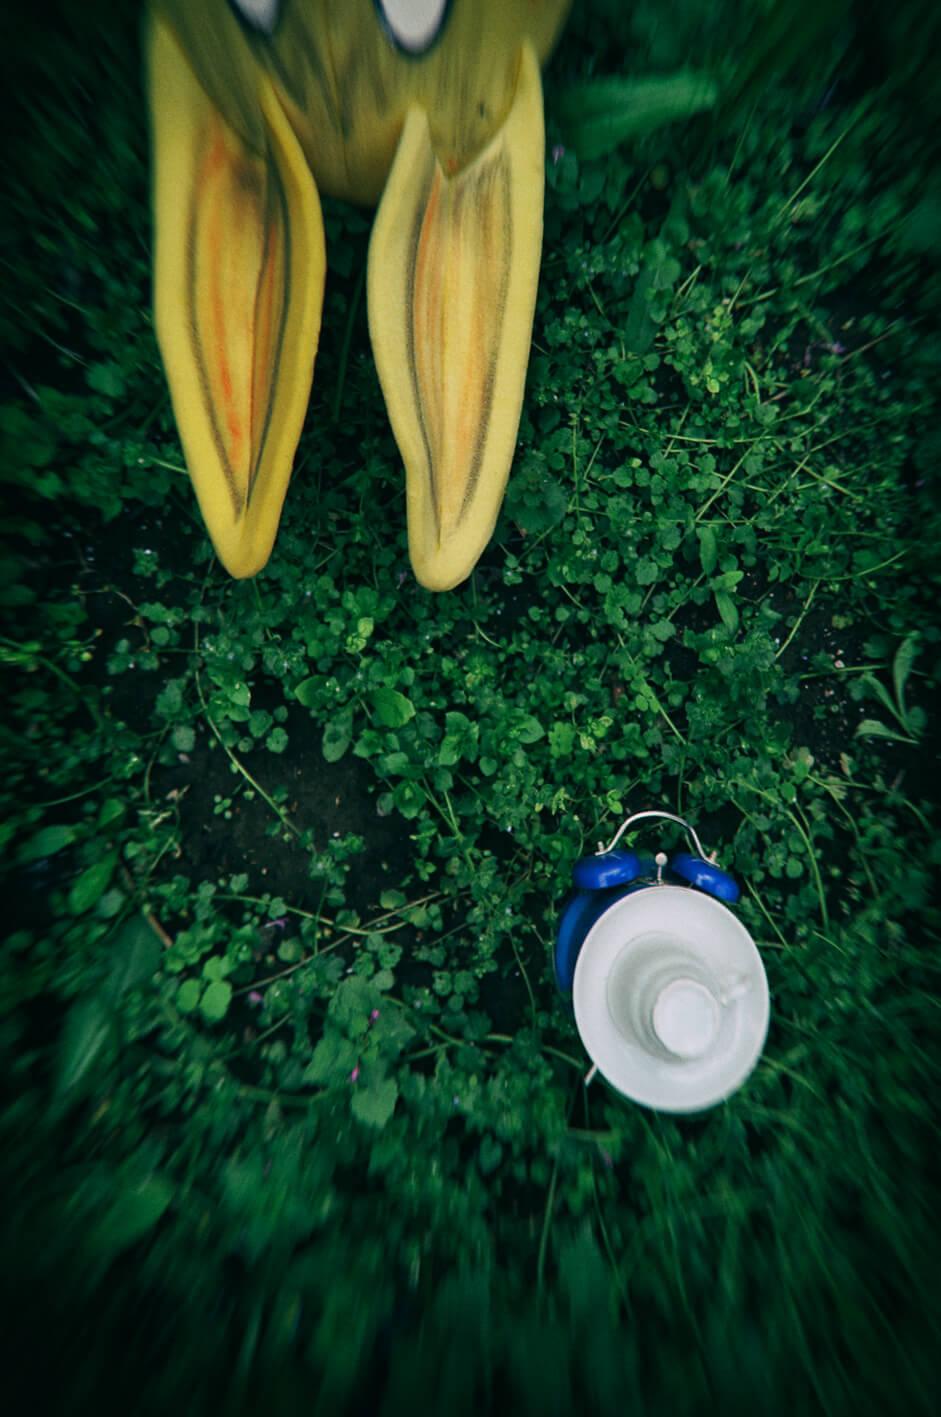 Alice in Wonderland-Photography-Milana Videnov